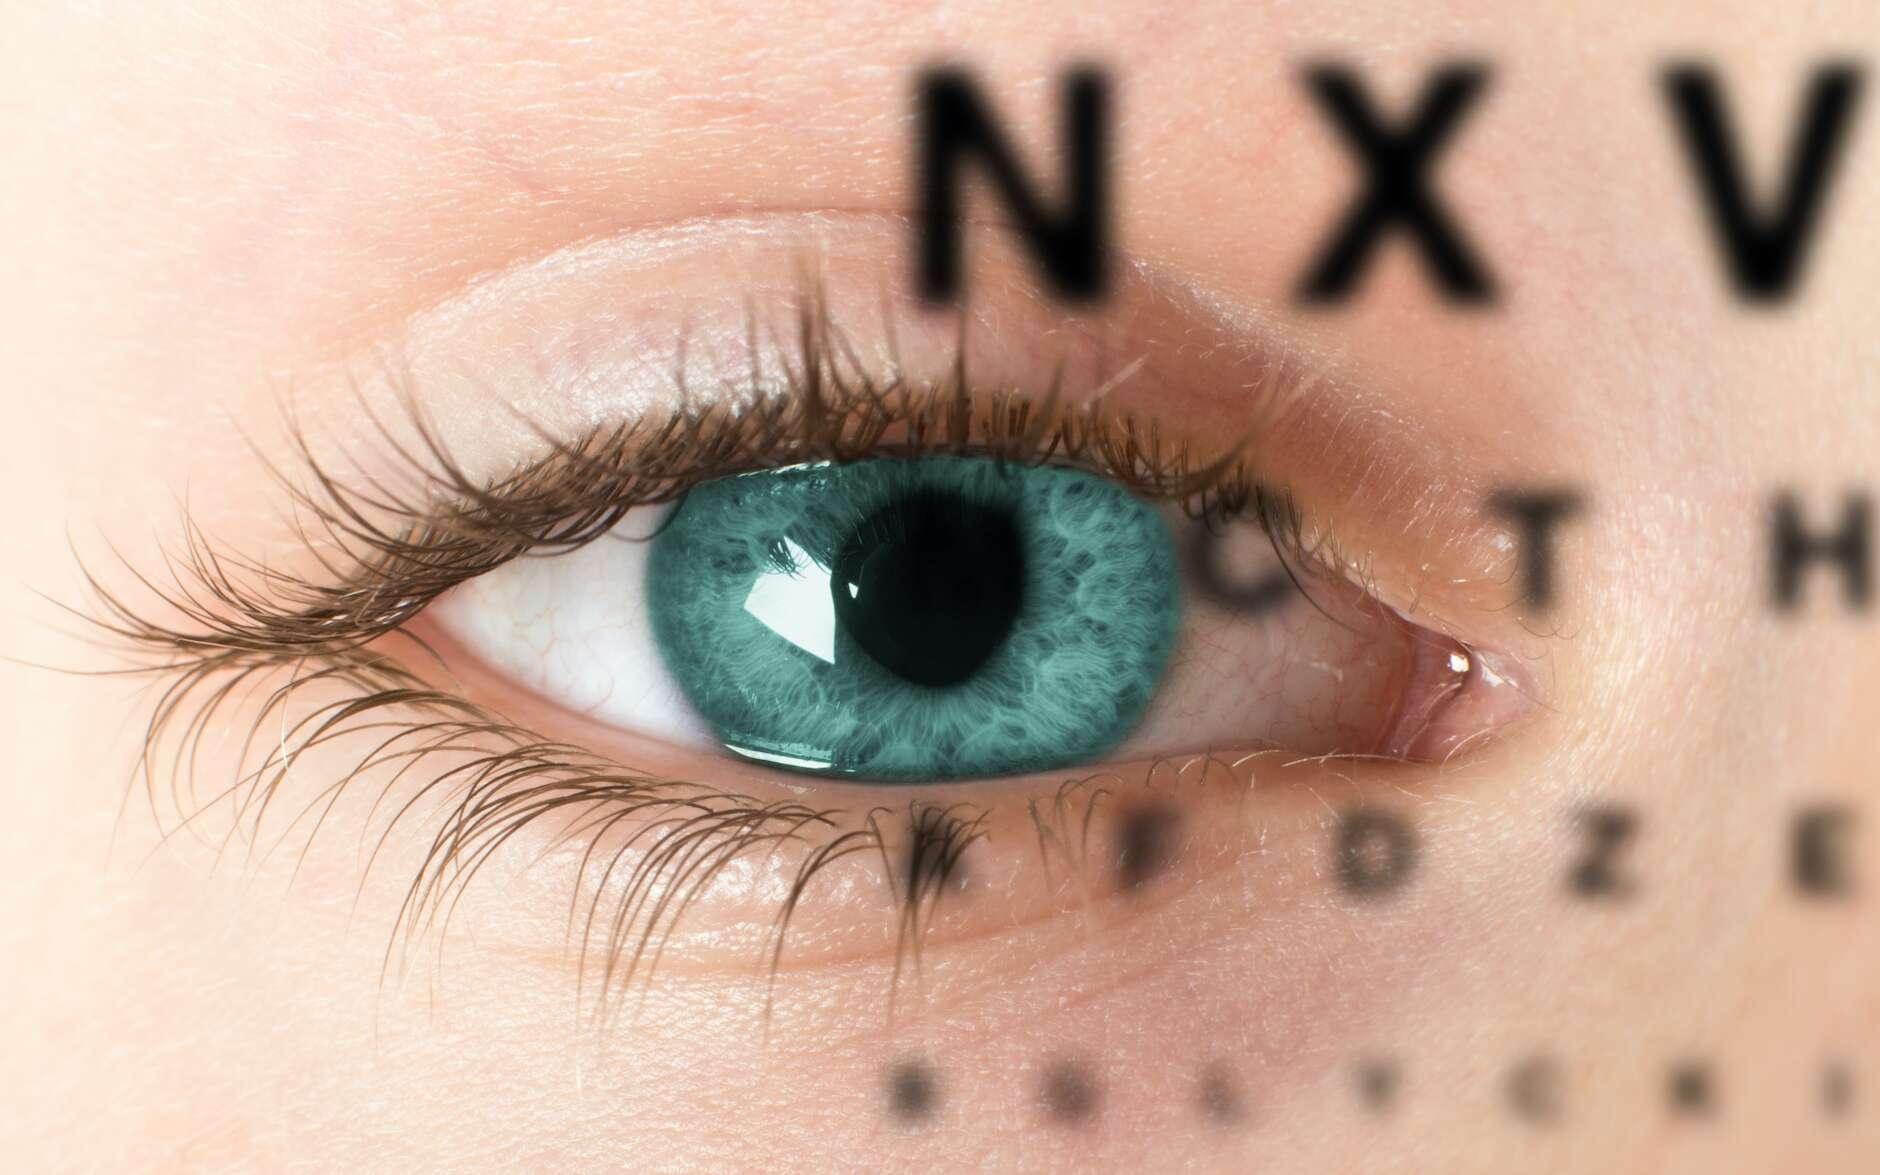 L'astigmatisme induit une vision floue des contours et des lettres. © max dallocco, Adobe Stock